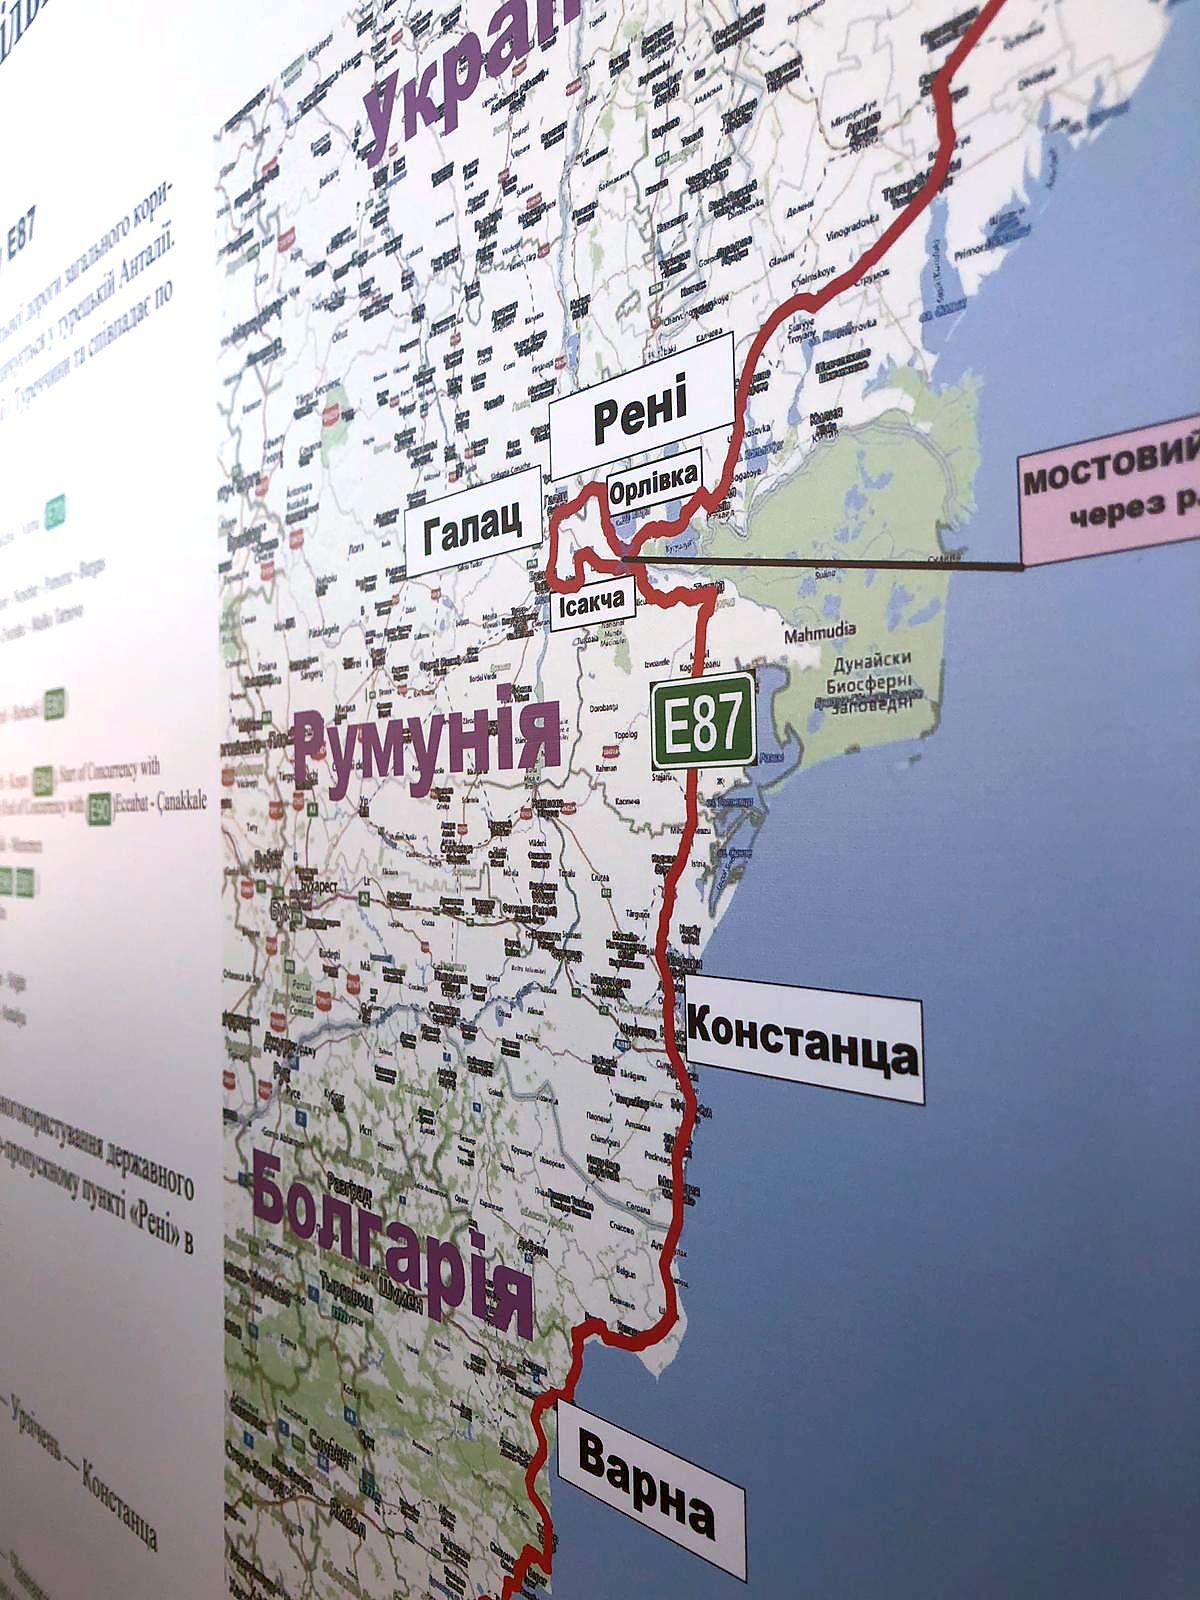 Борисов допълни, че с президента Порошенко са се договорили за пътя Одеса - Рени